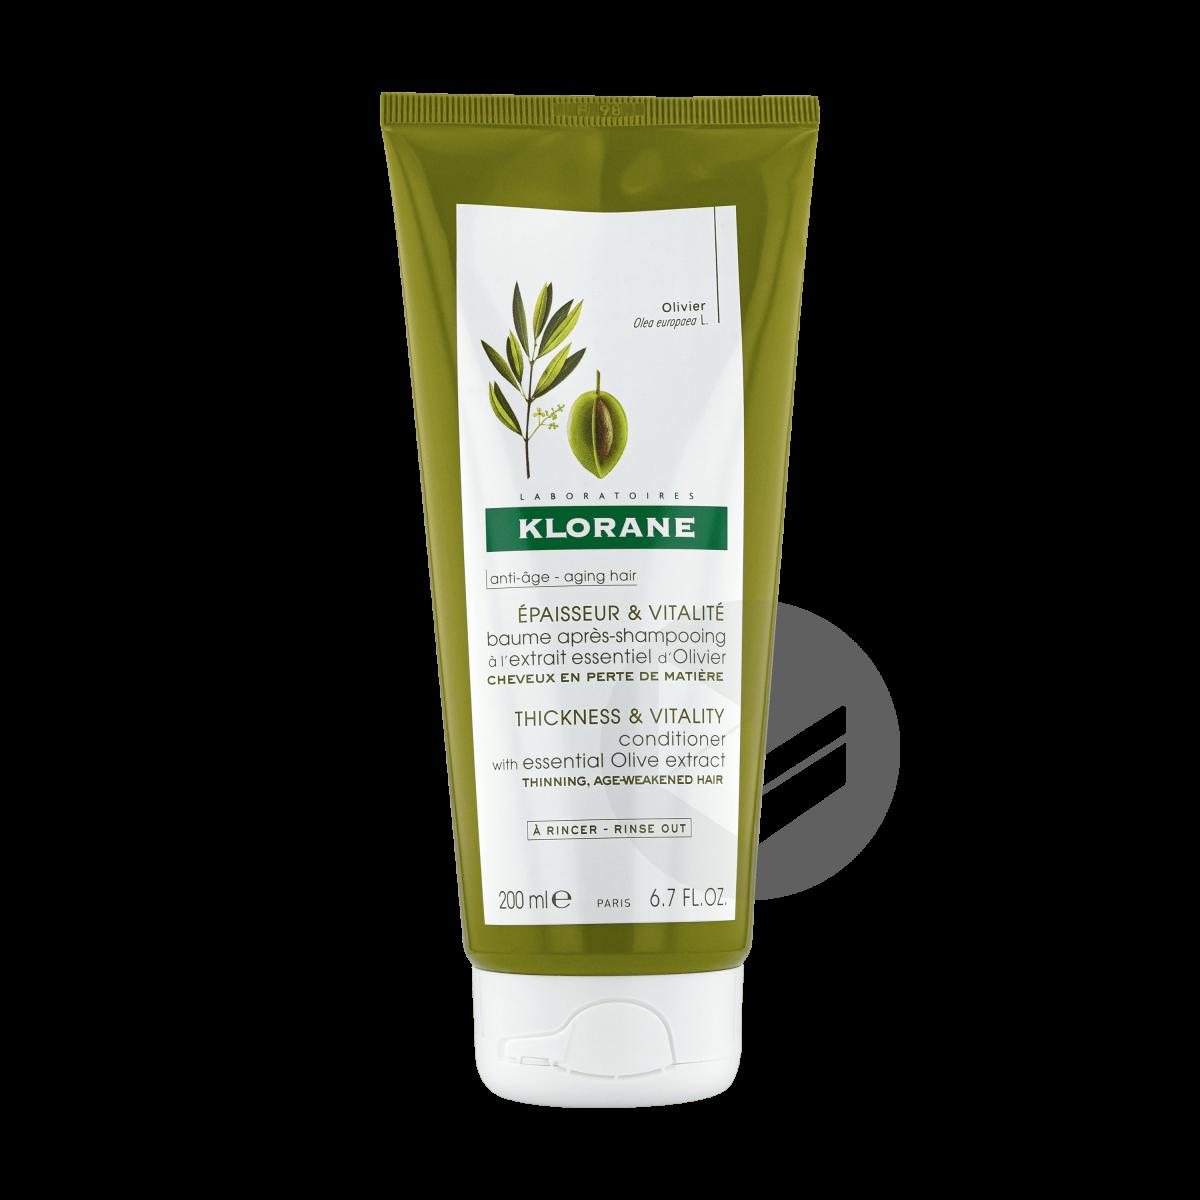 Baume après-shampoing Epaisseur et vitalité à l'extrait essentiel d'Olivier 200ml